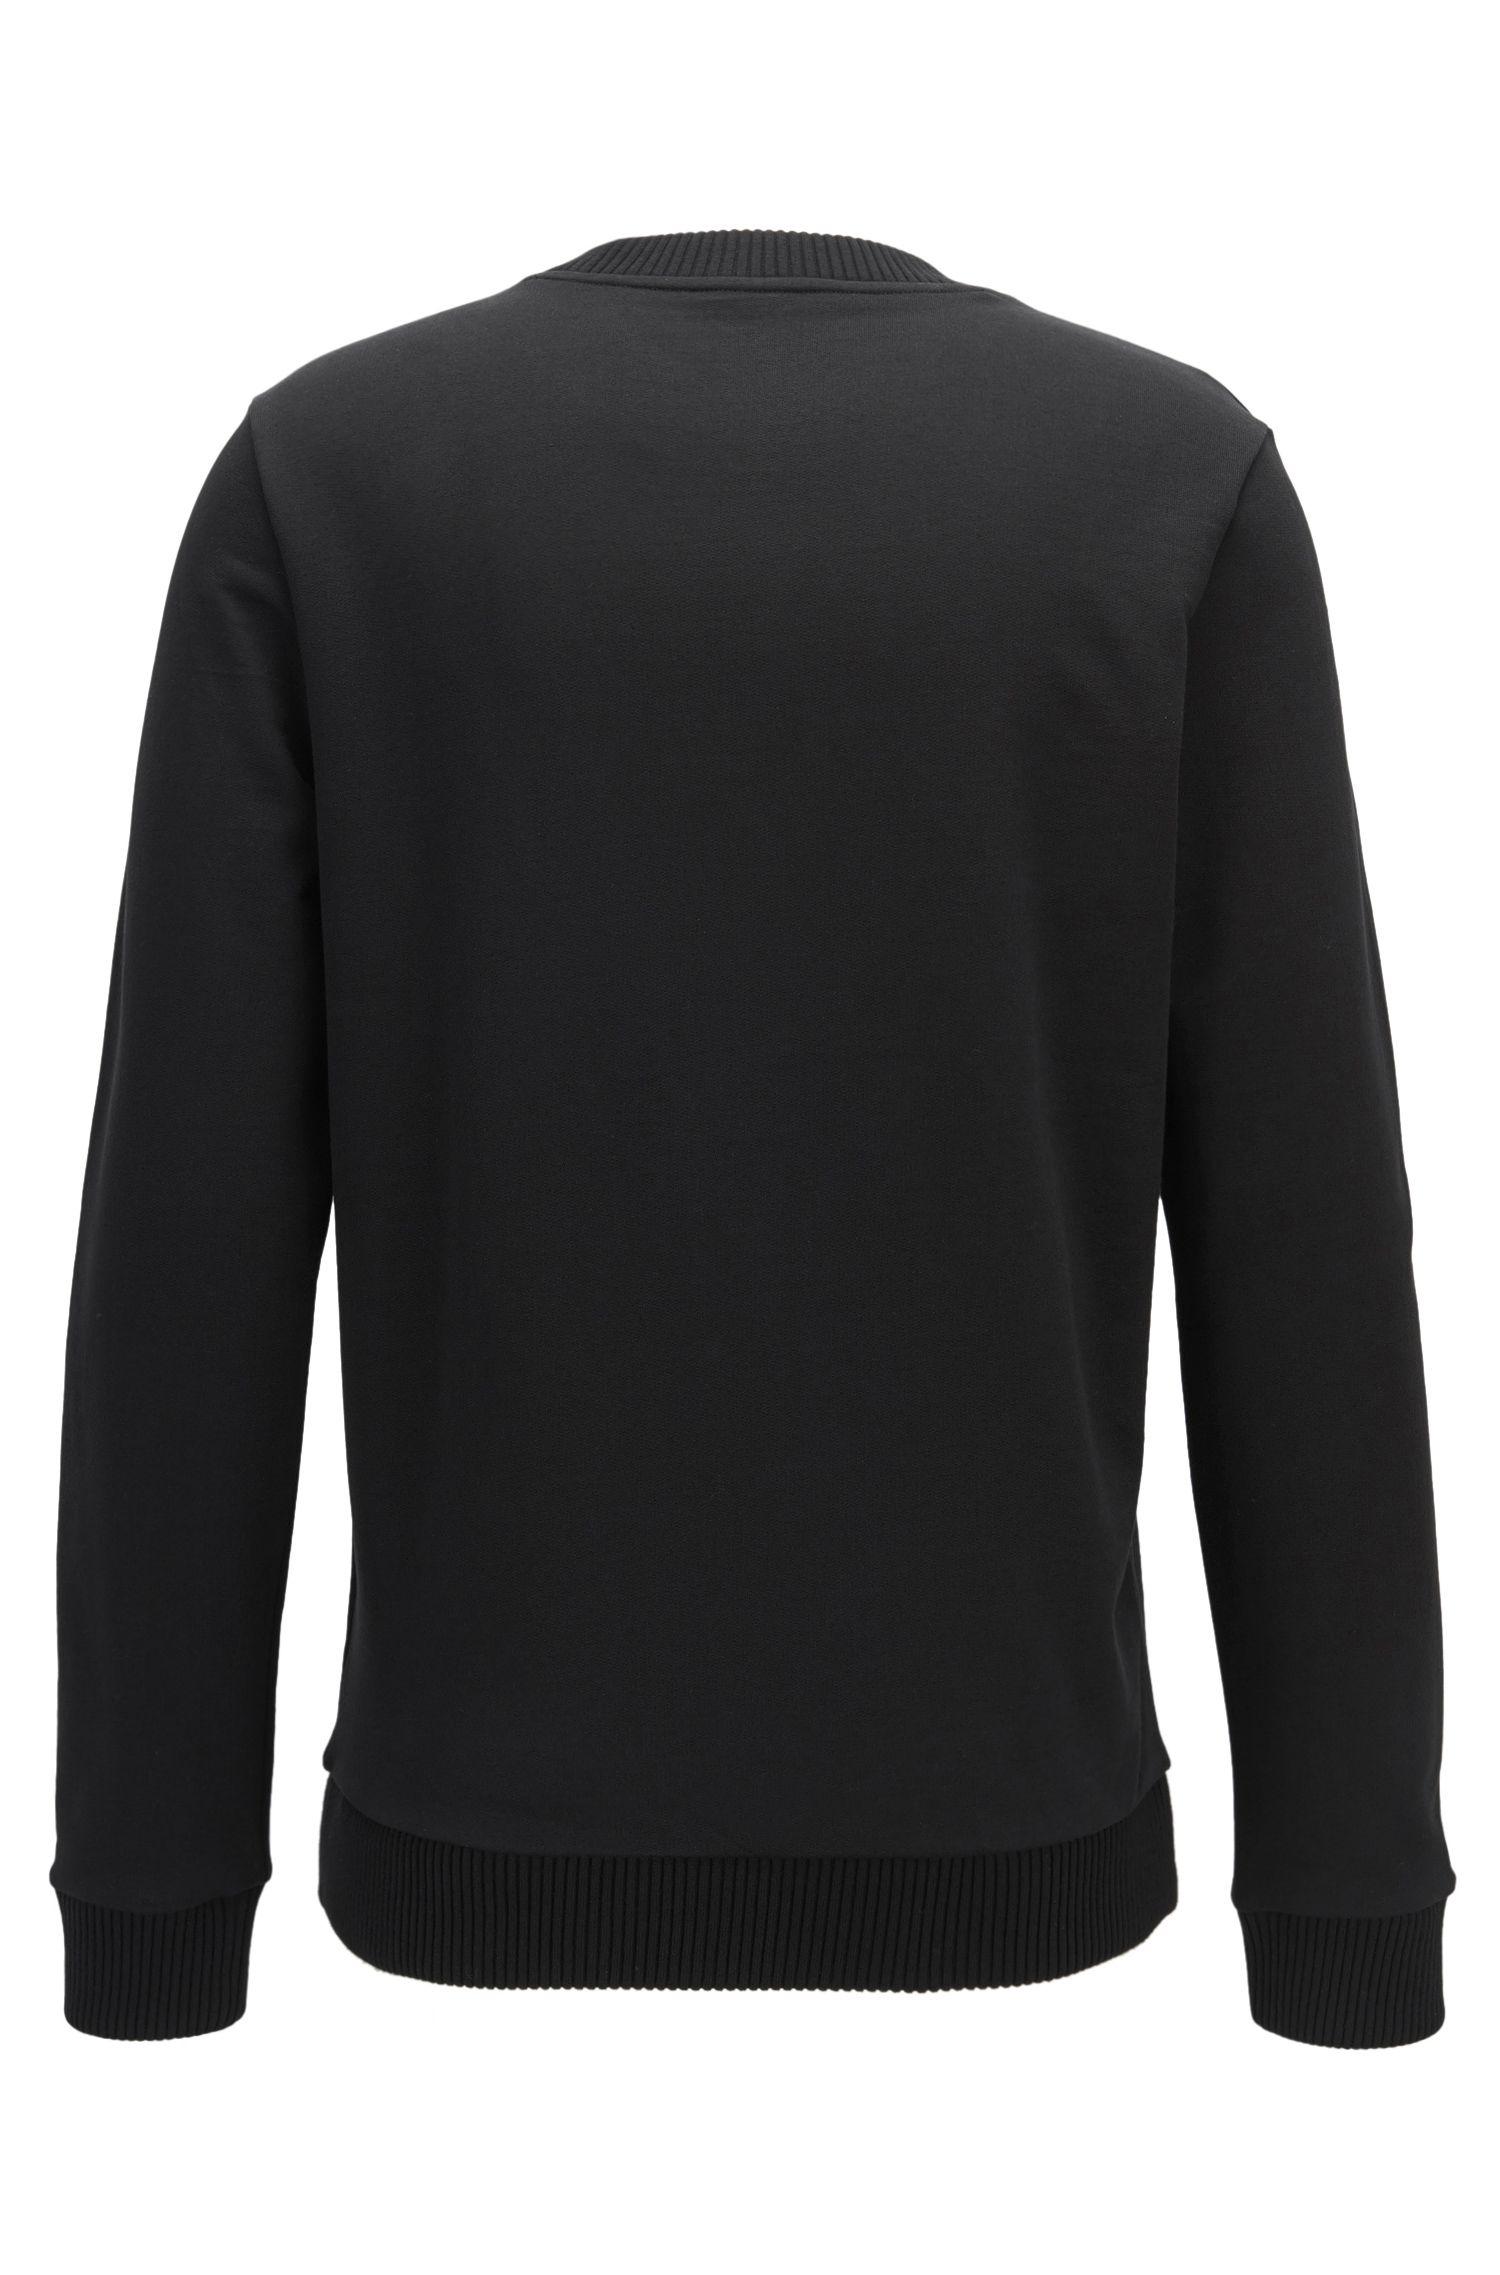 Pullover aus Baumwolle mit Rennwagen-Motiv